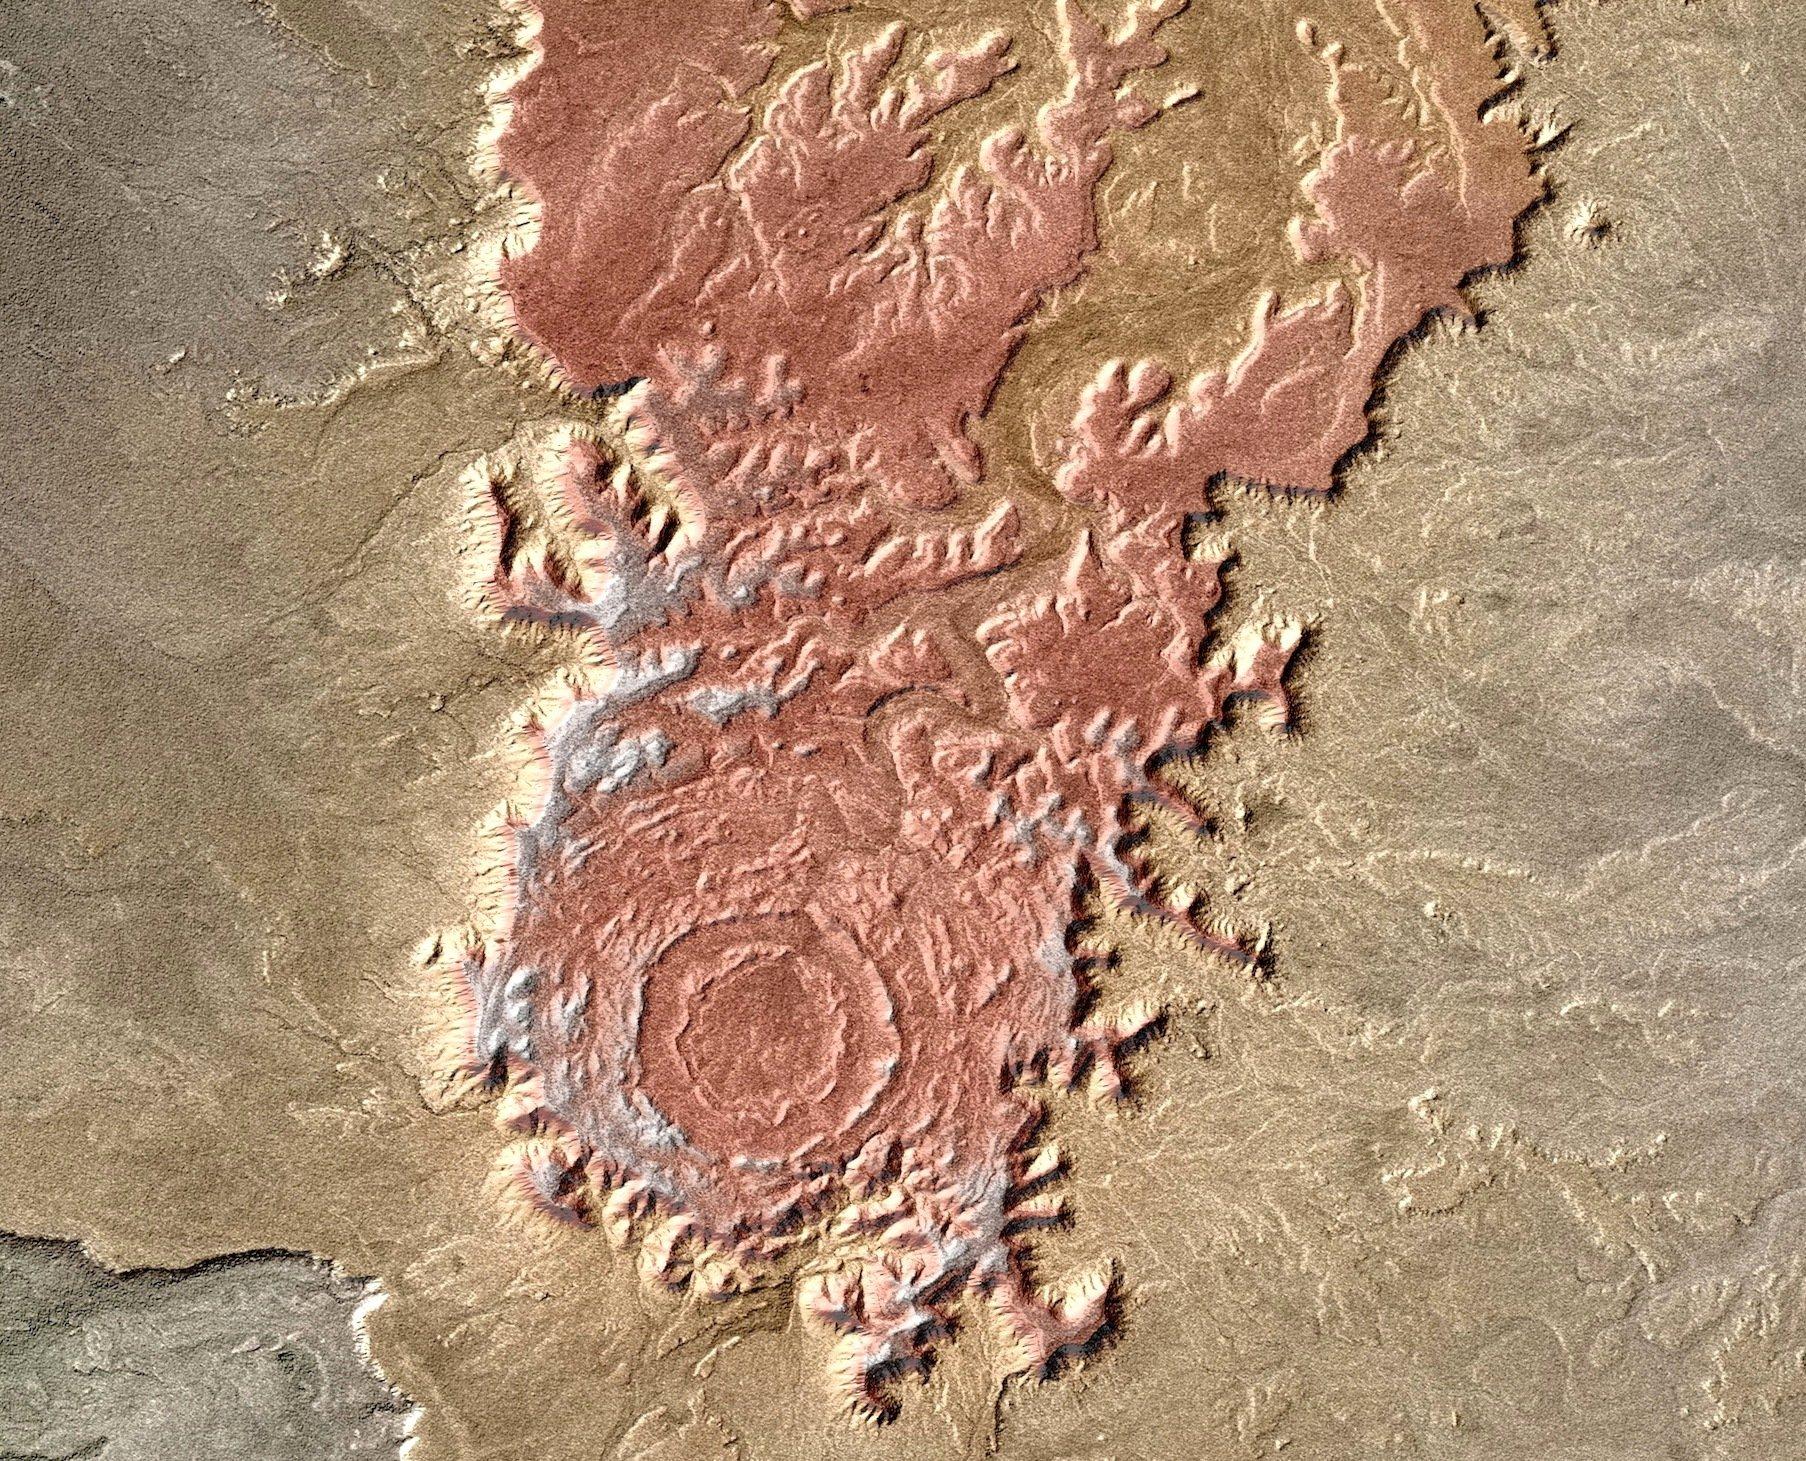 Der Krater Tin Bider im algerischen Teil der Sahara überragt die Umgebung. Er besteht aus unterschiedlichen Gesteinsschichten, die im Lauf der Zeit ebenso unterschiedlich stark erodierten. Das dreidimensionale Höhenmodell hat das Deutsche Zentrum für Luft- und Raumfahrt (DLR) auj den Daten der deutschen Radarsatelliten TerraSAR-X und TanDEM-X berechnet.